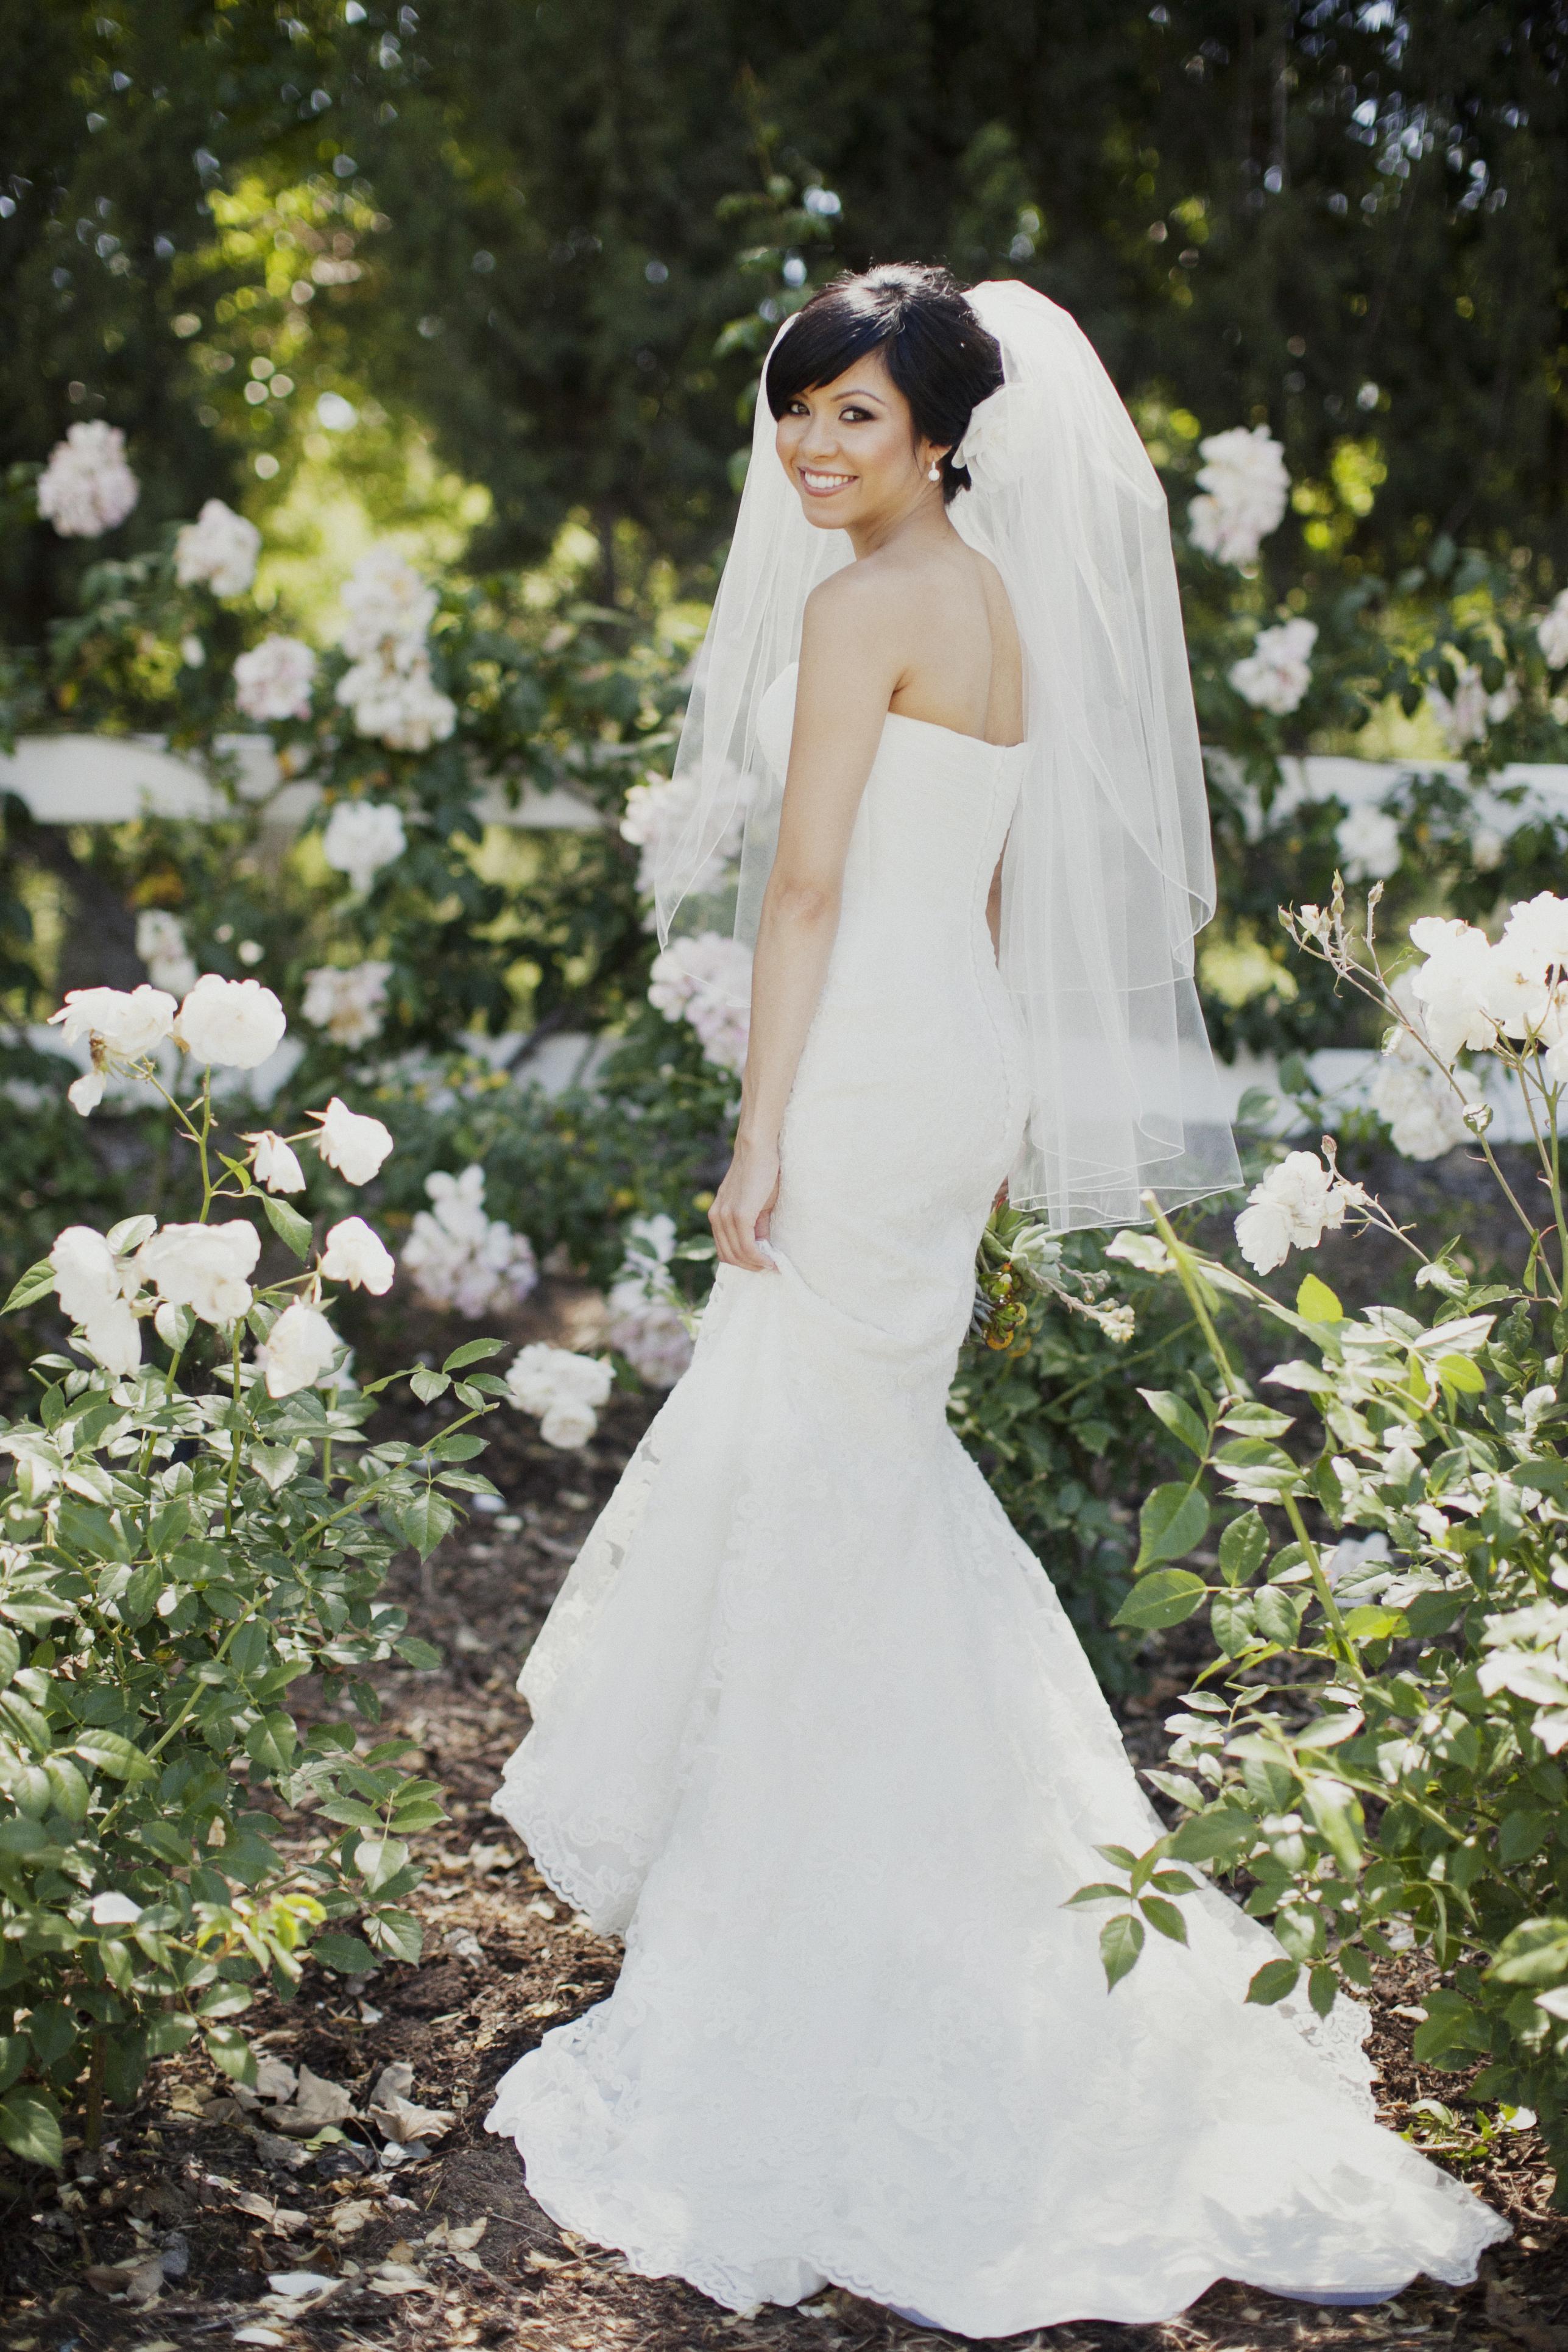 Flowers & Decor, Veils, Fashion, white, Bride Bouquets, Bride, Flowers, Mermaid, Veil, Gown, Andrea eric, Flower Wedding Dresses